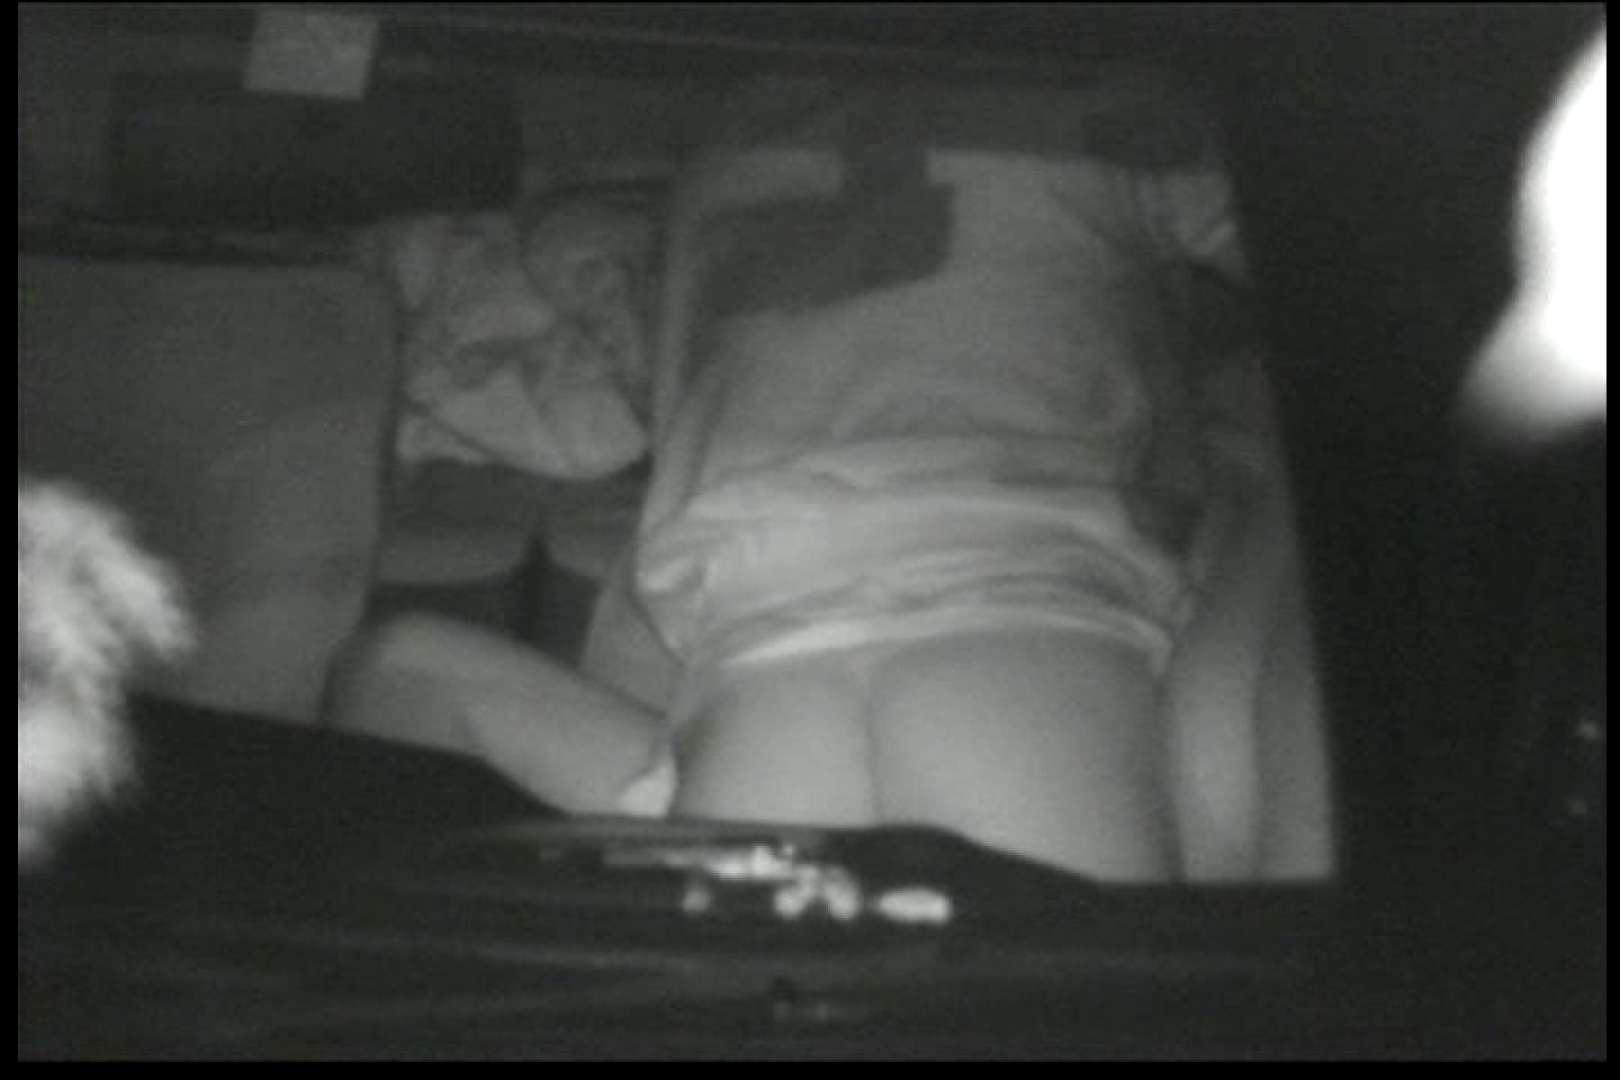 車の中はラブホテル 無修正版  Vol.12 車 セックス無修正動画無料 35pic 19